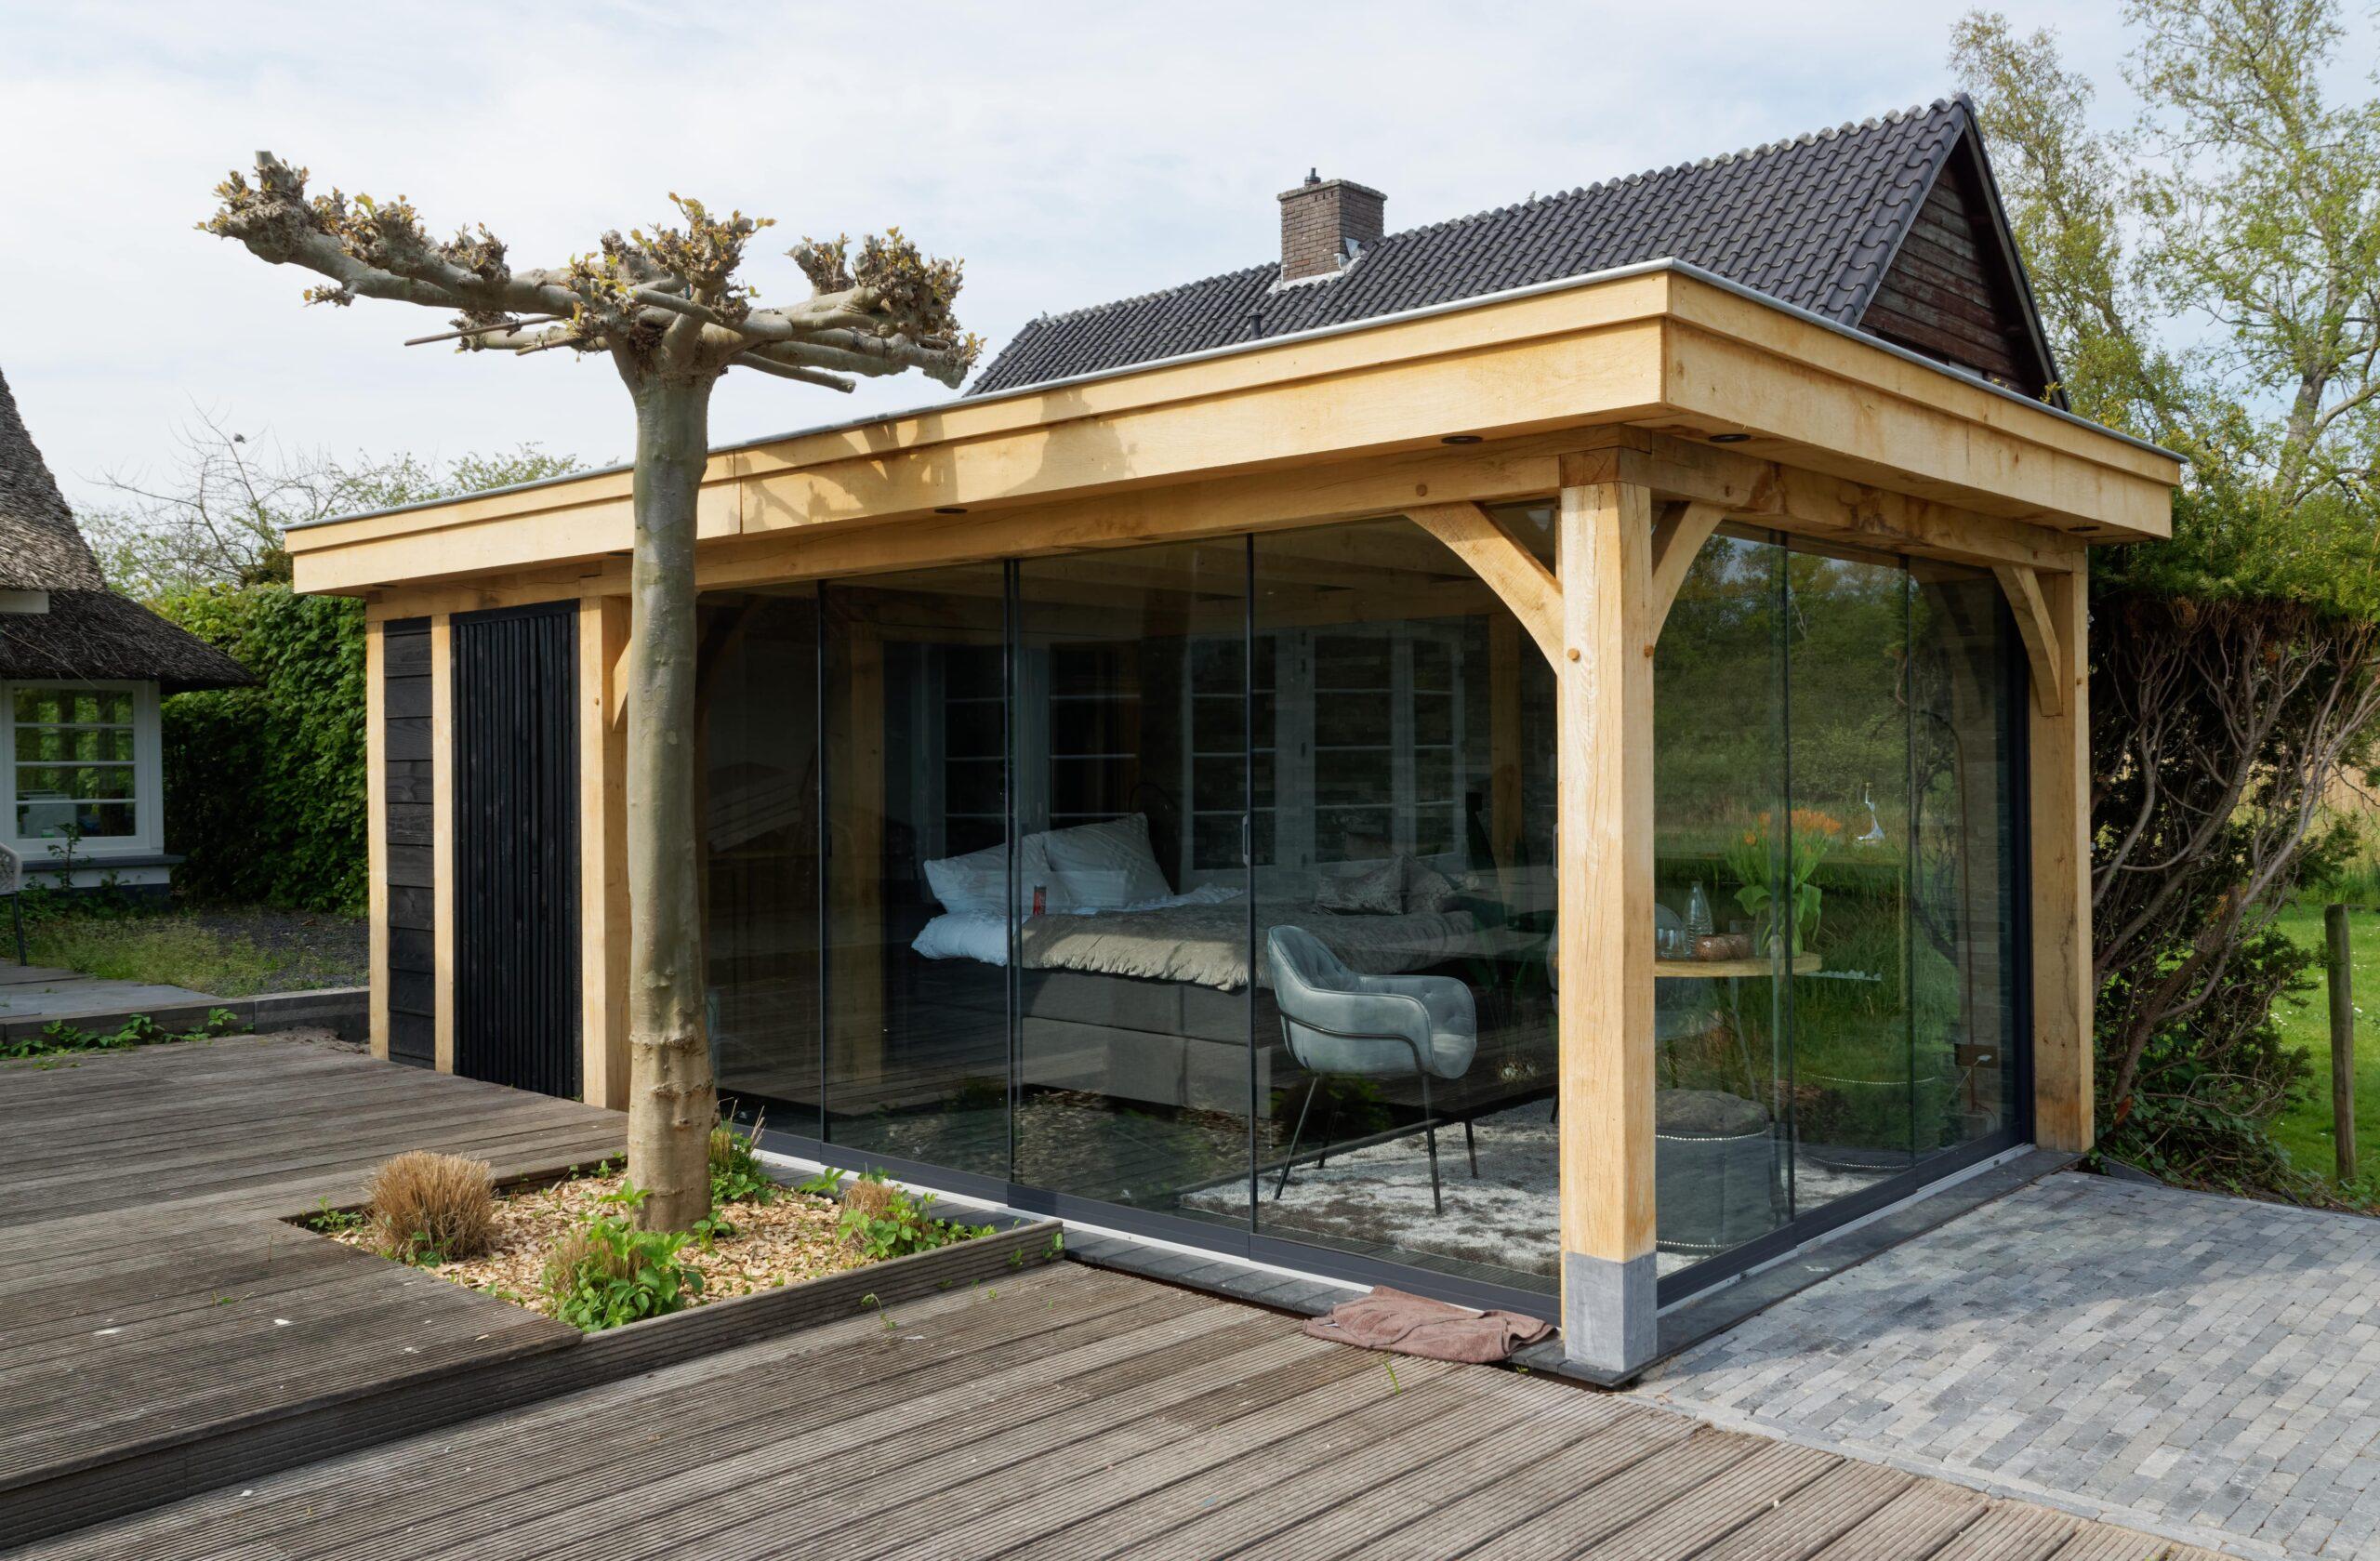 Luxe-tuinkamer-aan-het-water-scaled - Project Kortenhoef: Luxe tuinkamer aan het water